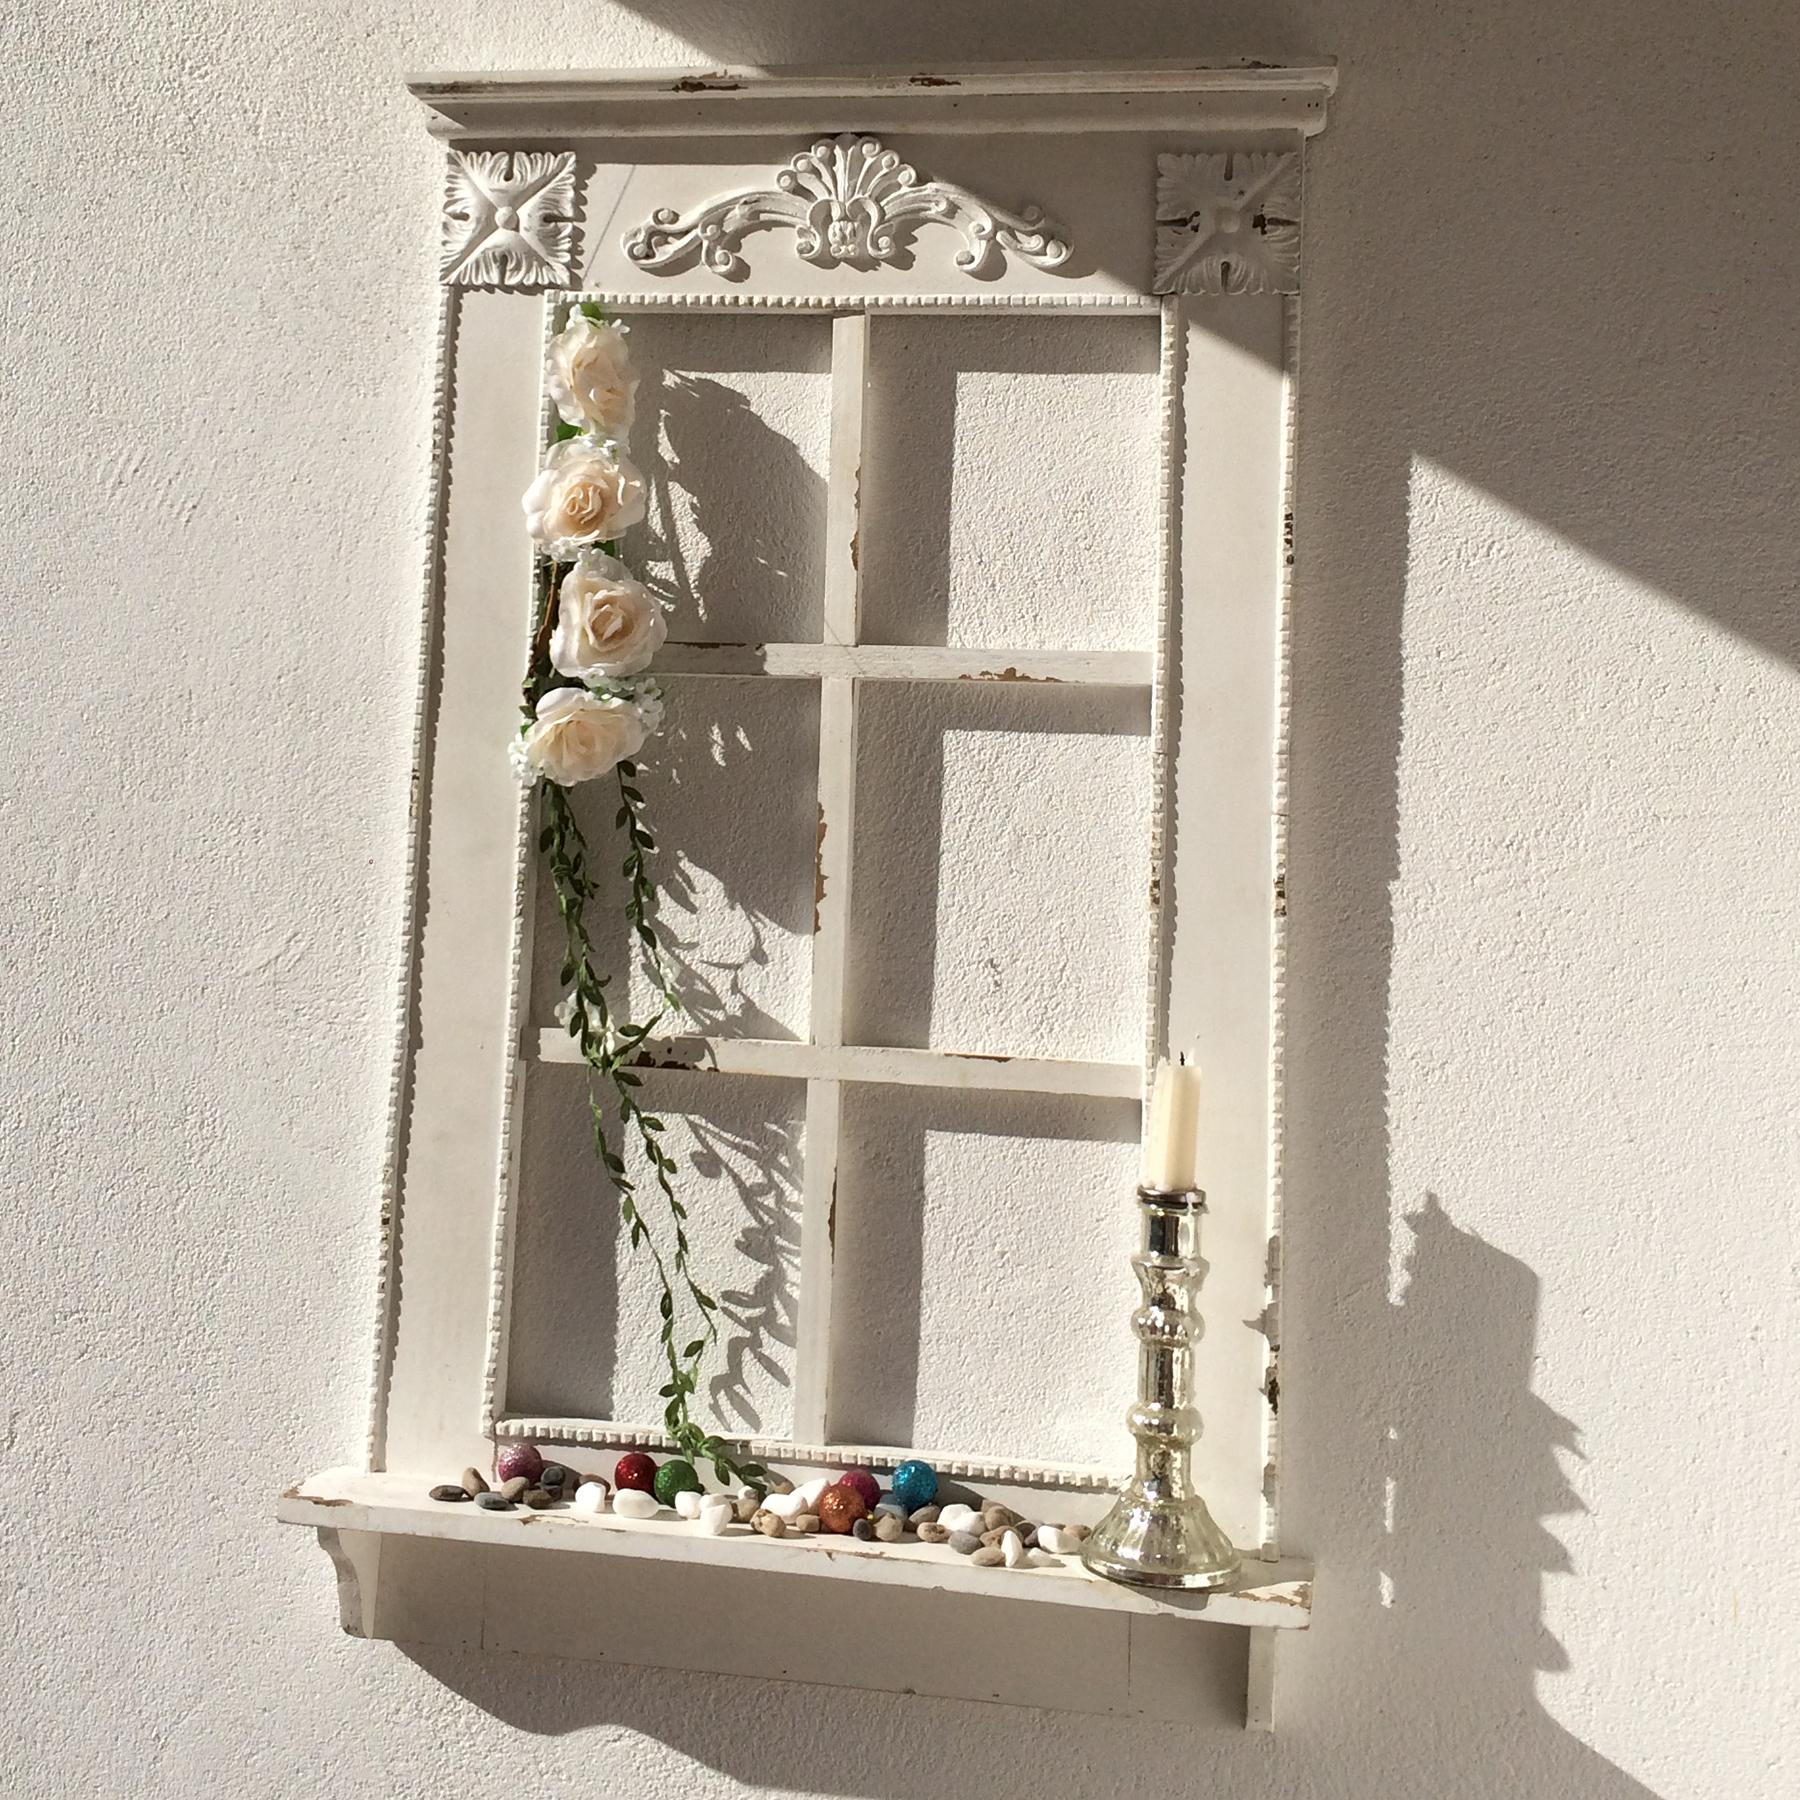 Full Size of Deko Fensterbank Badezimmer Wohnzimmer Für Küche Dekoration Schlafzimmer Wanddeko Wohnzimmer Deko Fensterbank